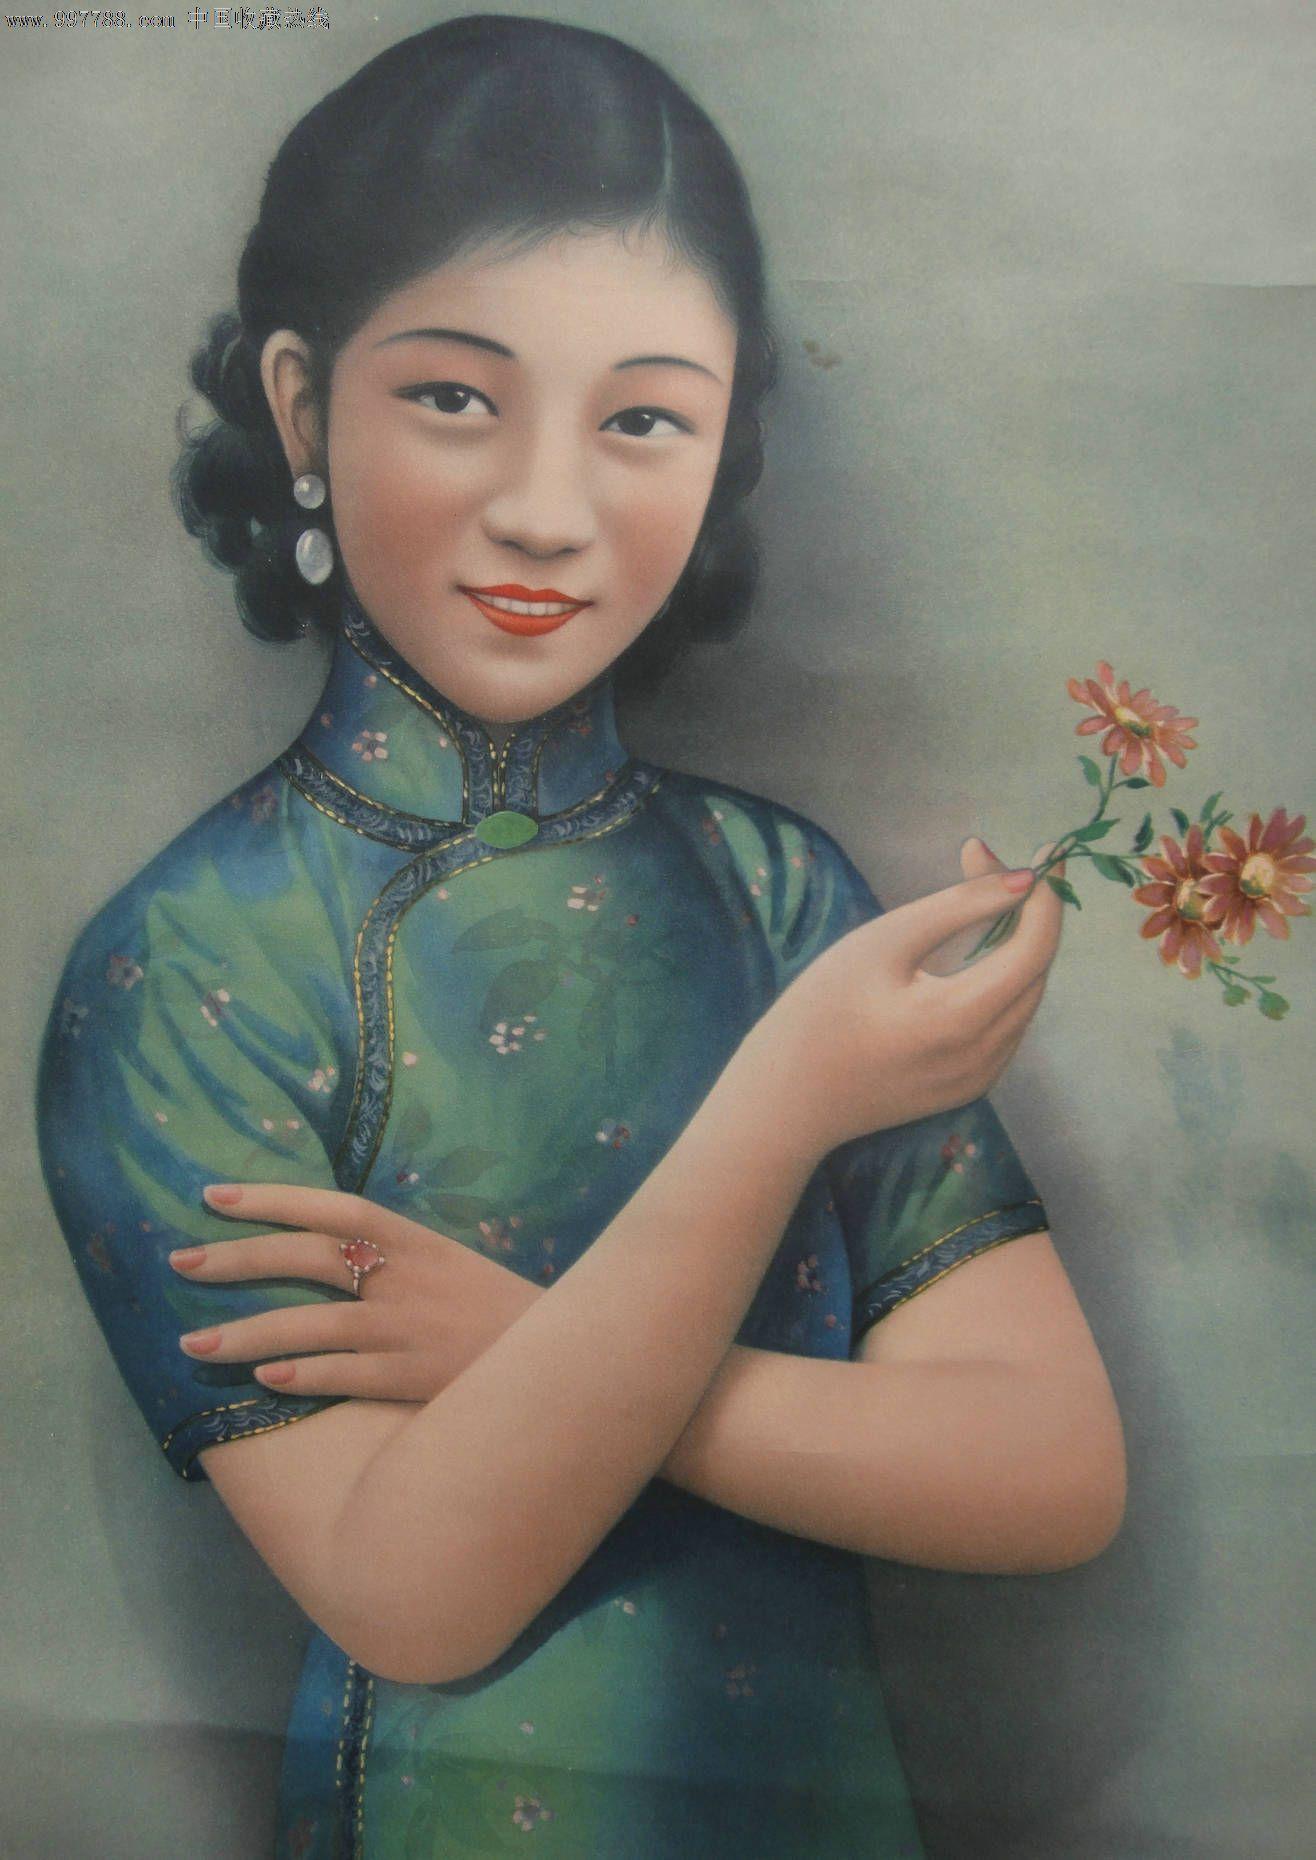 胡伯翔-哈德门香烟-民国美女-旗袍美女-烟广告画-在中国印刷图片